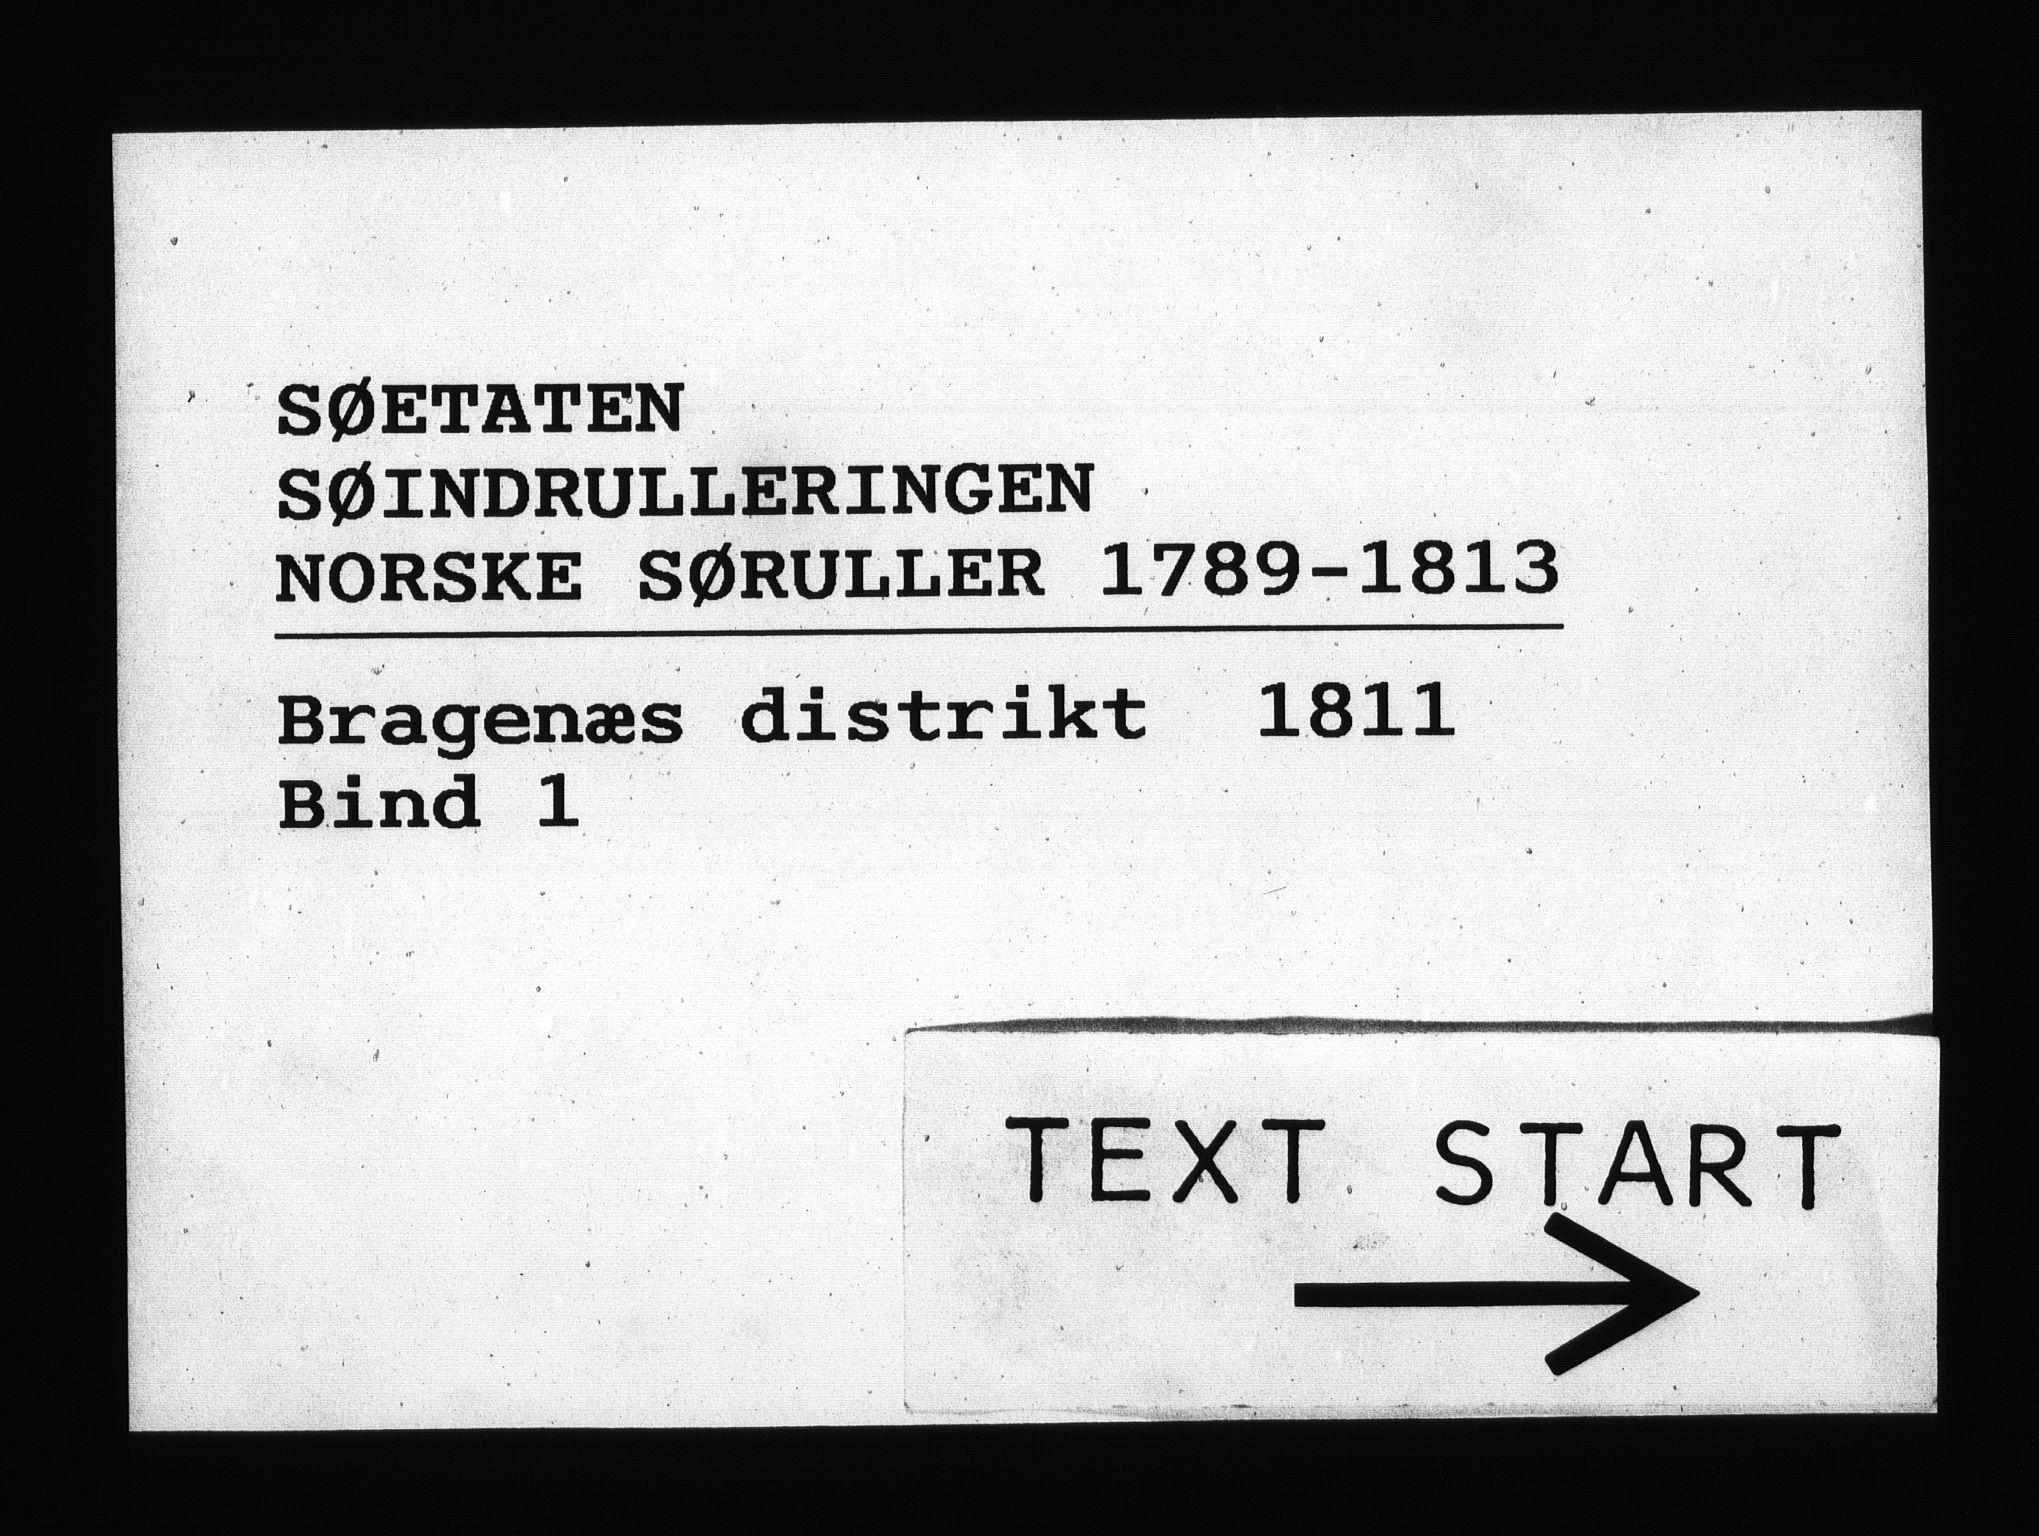 RA, Sjøetaten, F/L0160: Bragernes distrikt, bind 1, 1811